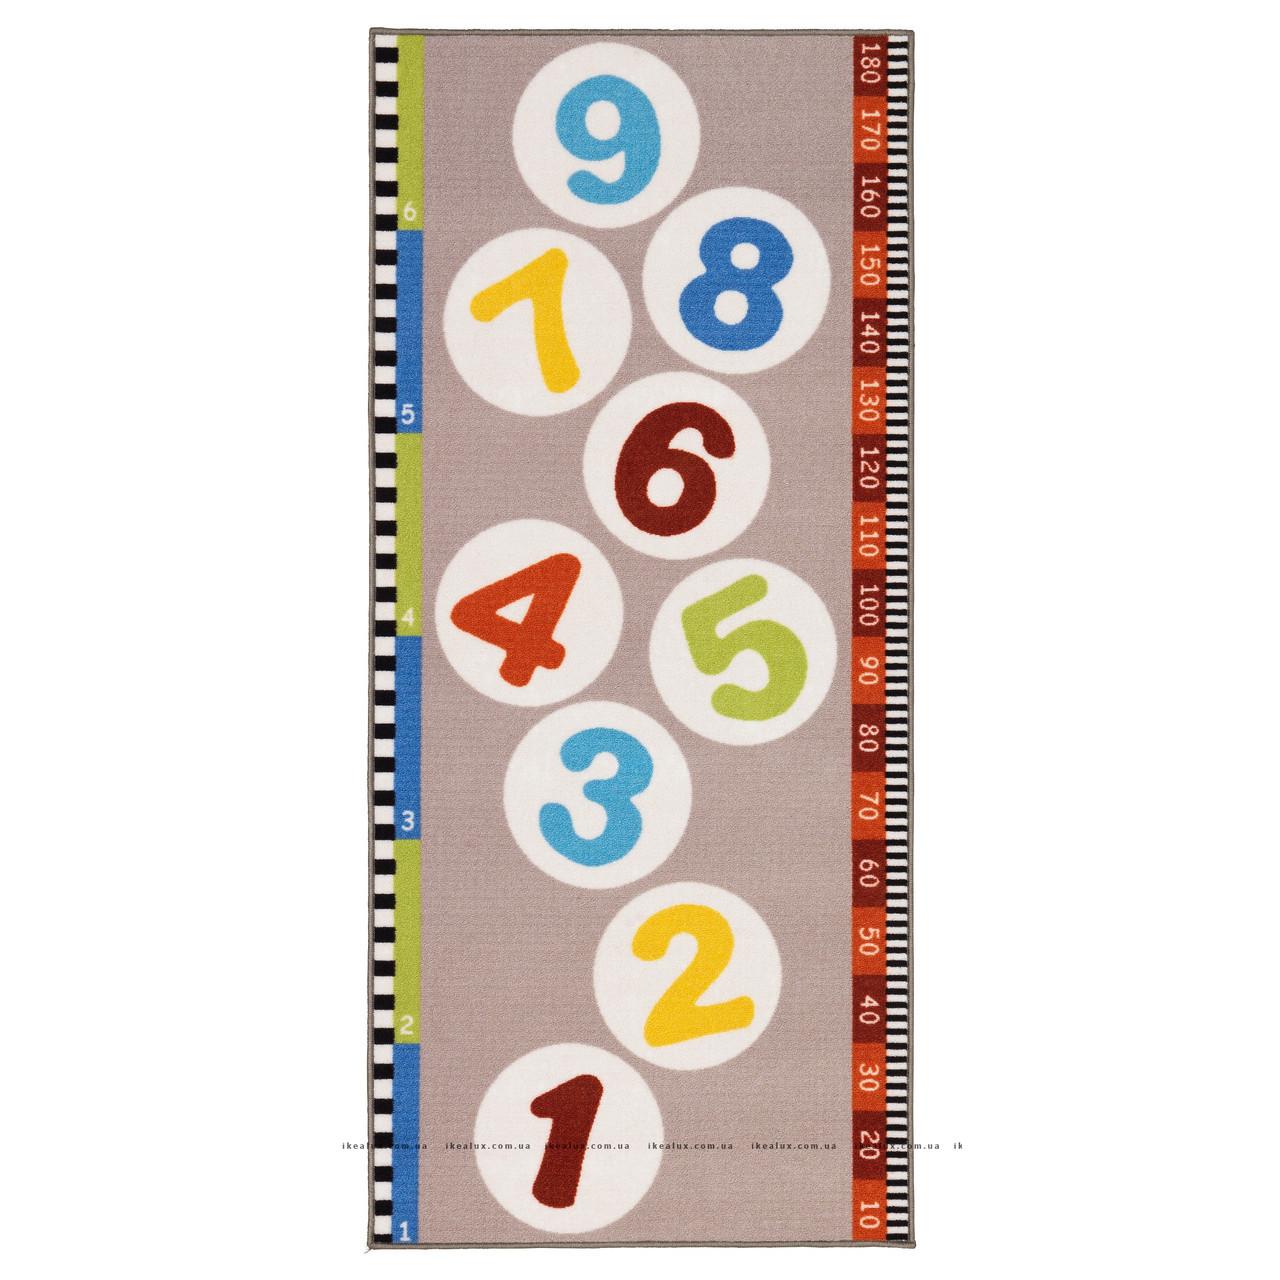 ХОППЛЕК Ковер, короткий ворс, разноцветный, 80x180см 40239957 ИКЕА, IKEA,  HOPPLEK